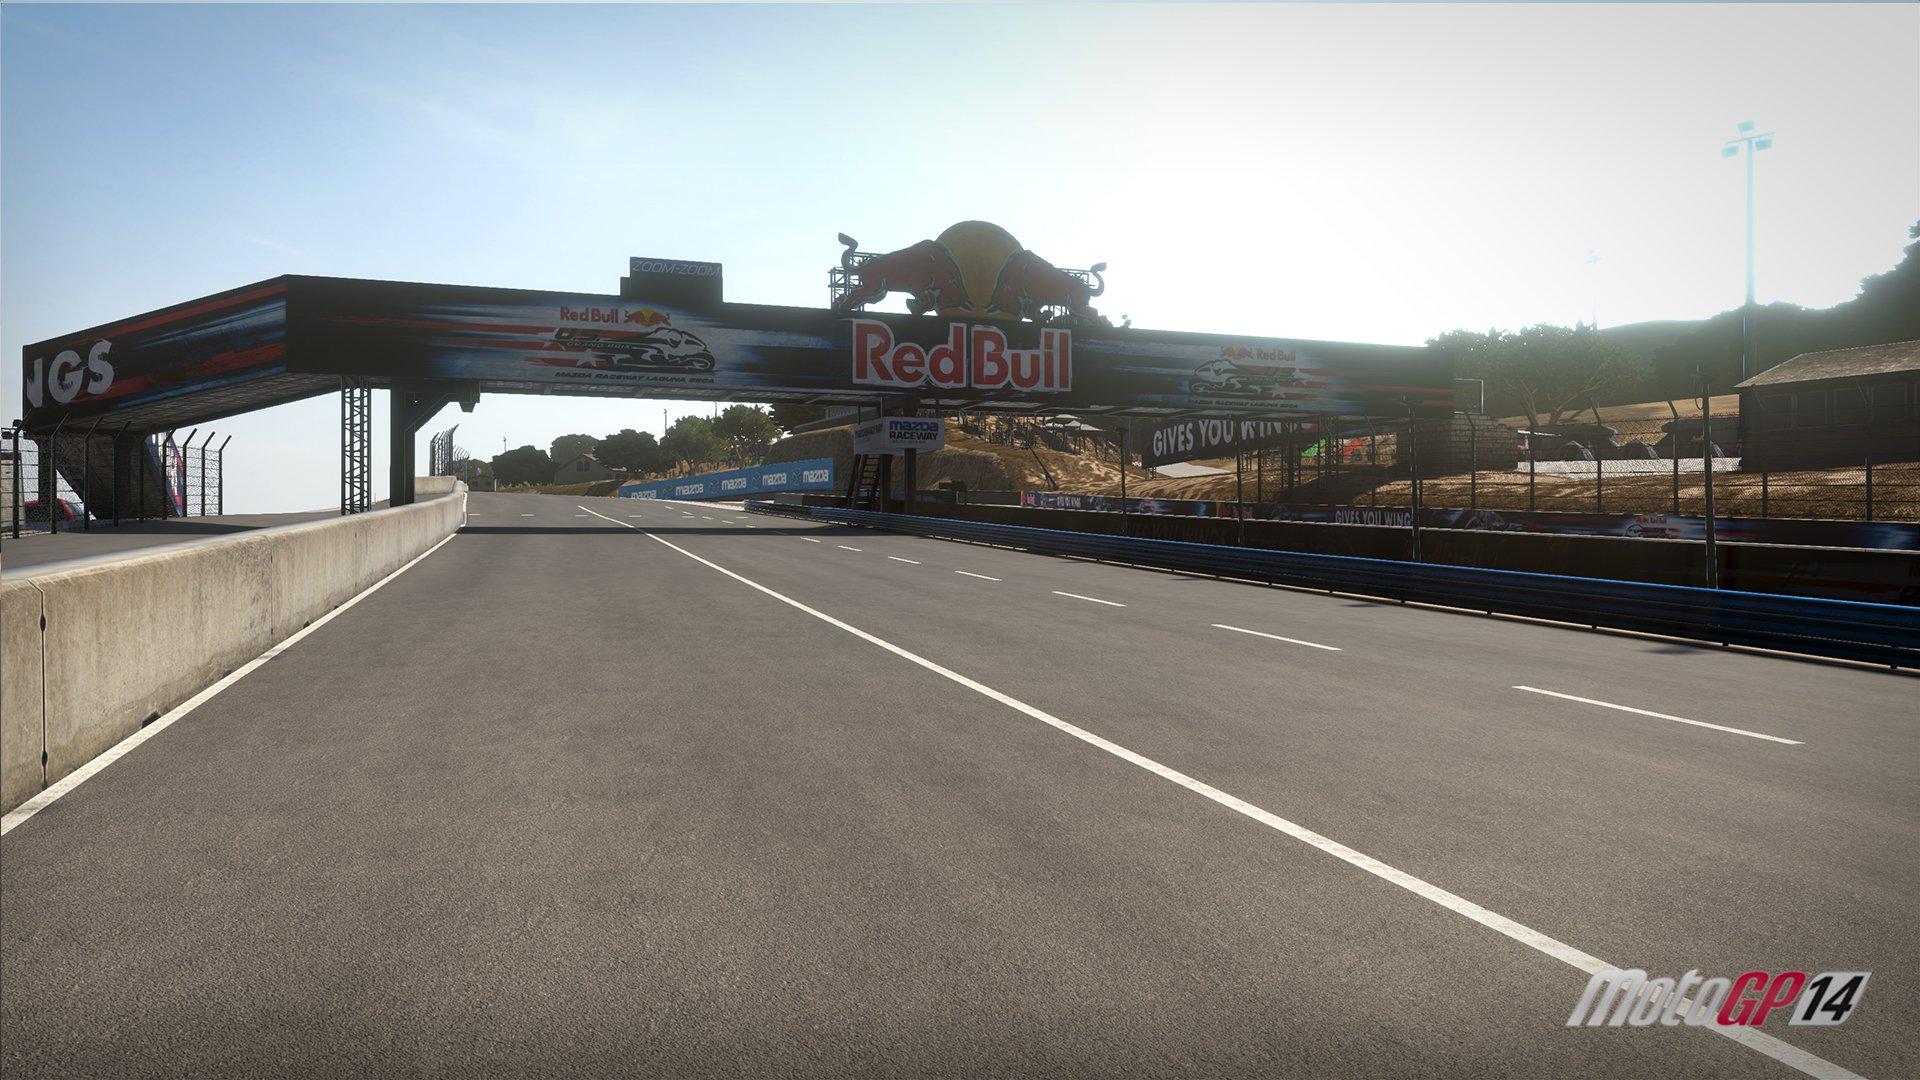 Moto GP 14 Laguna Seca Red Bull US Grand Prix 2